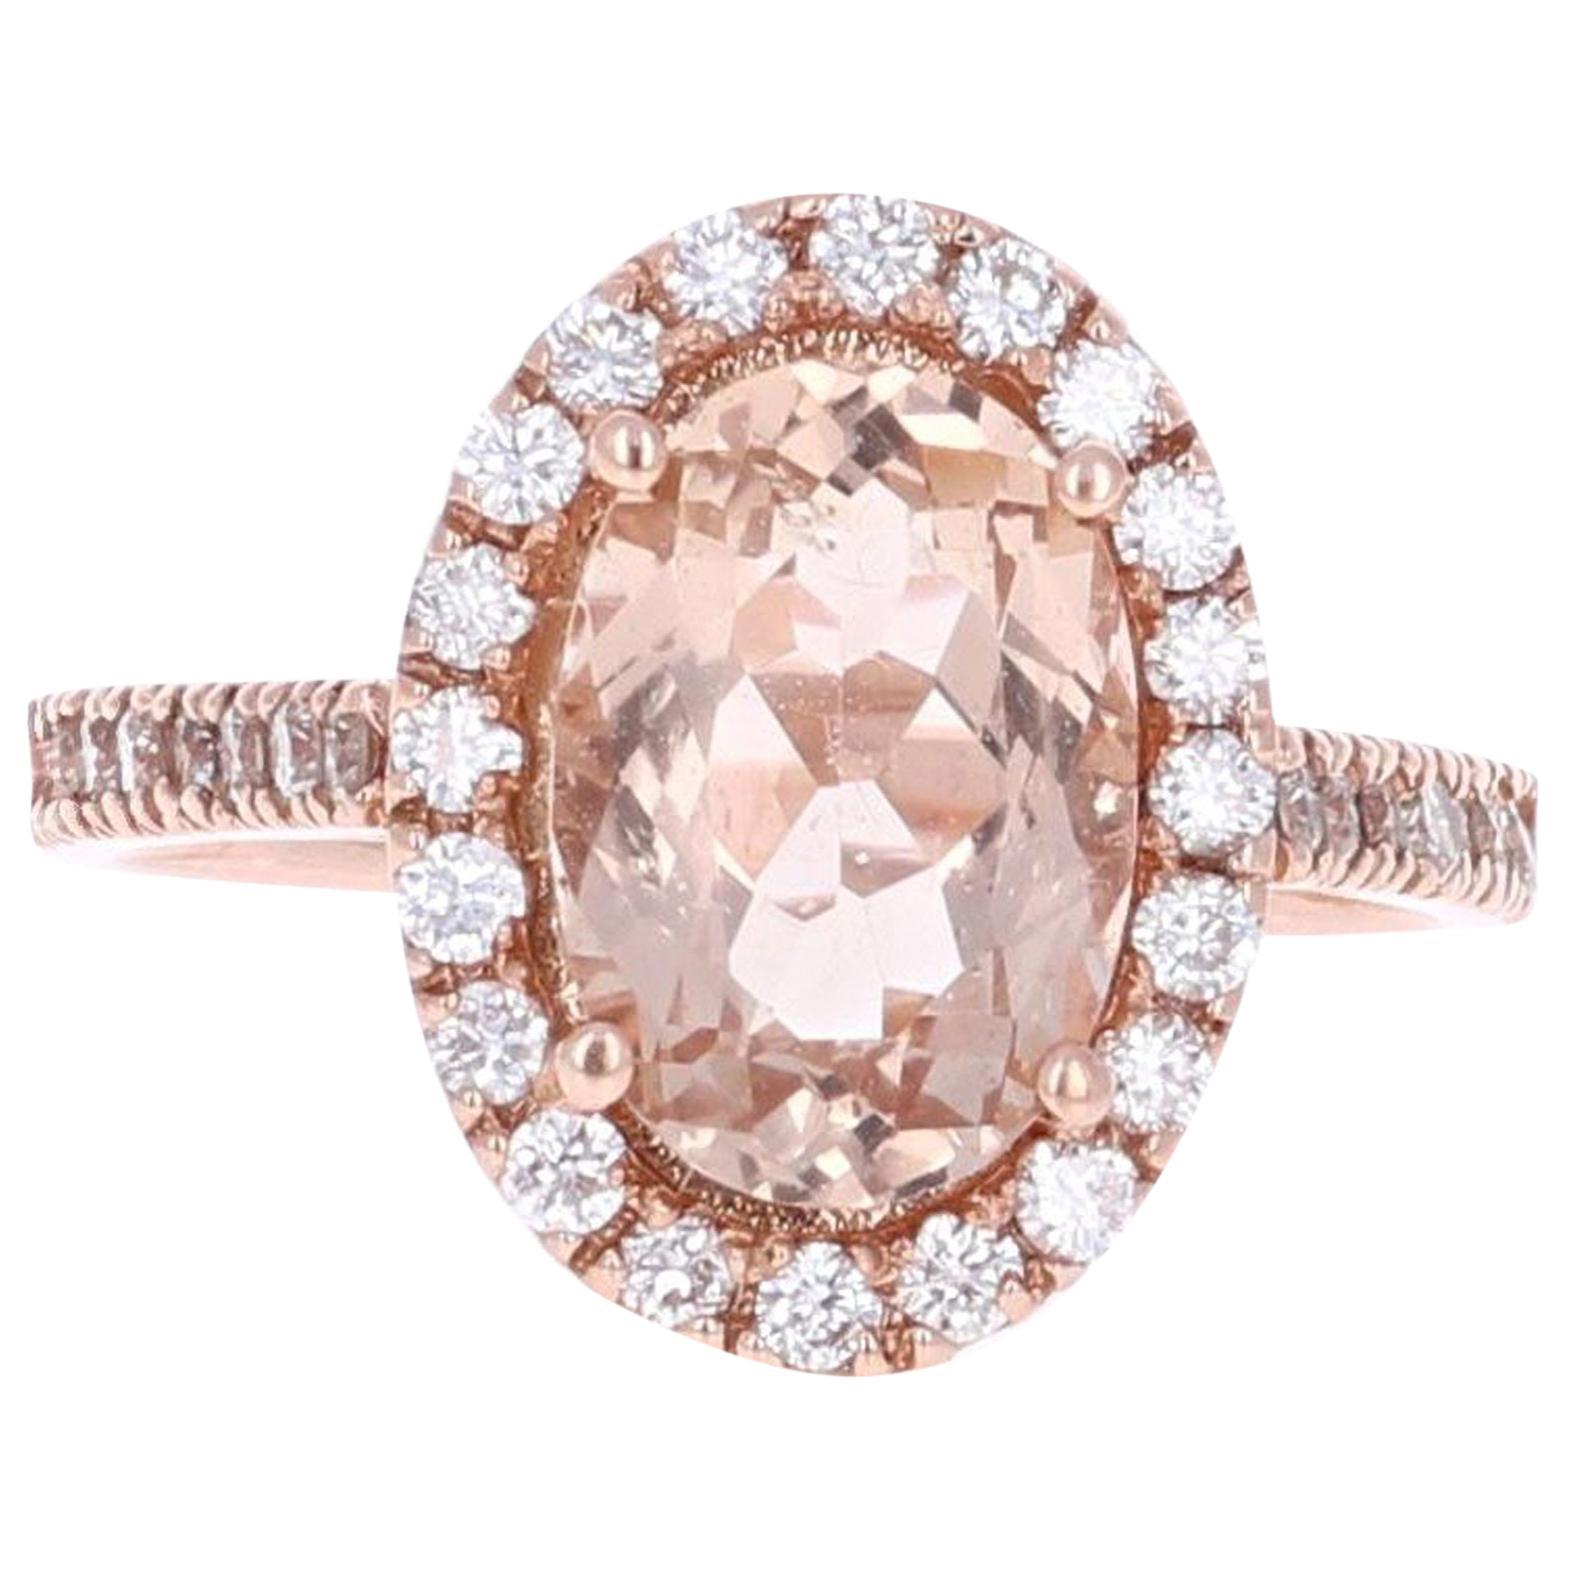 3.10 Carat Morganite Halo Diamond 14 Karat Rose Gold Ring